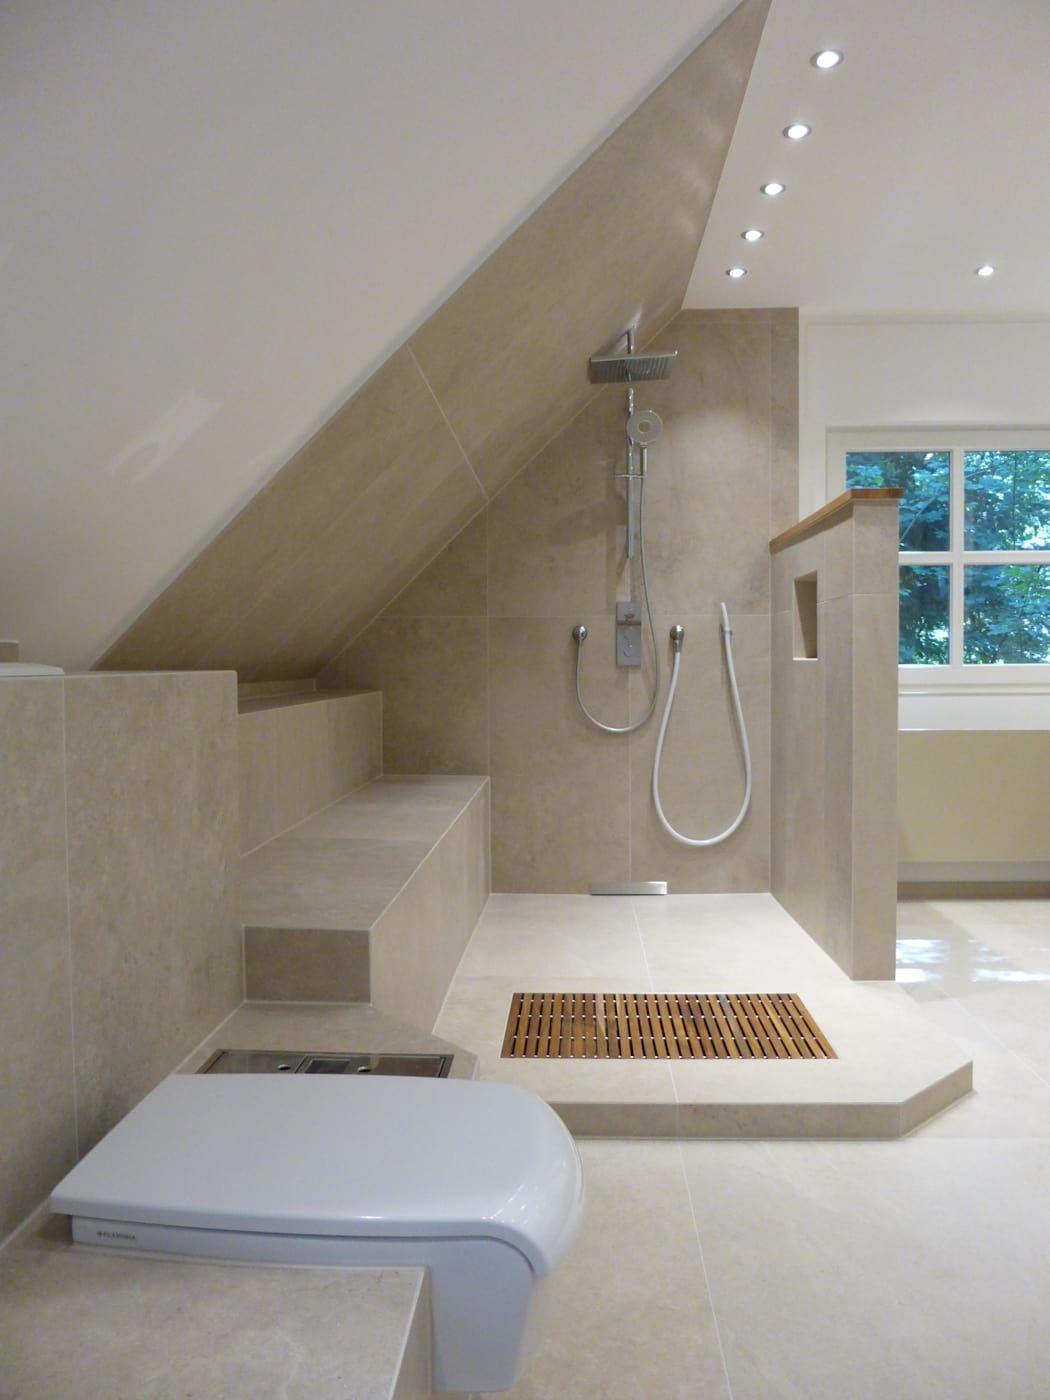 Badezimmer design malta wohnideen interior design einrichtungsideen u bilder  bath ideas